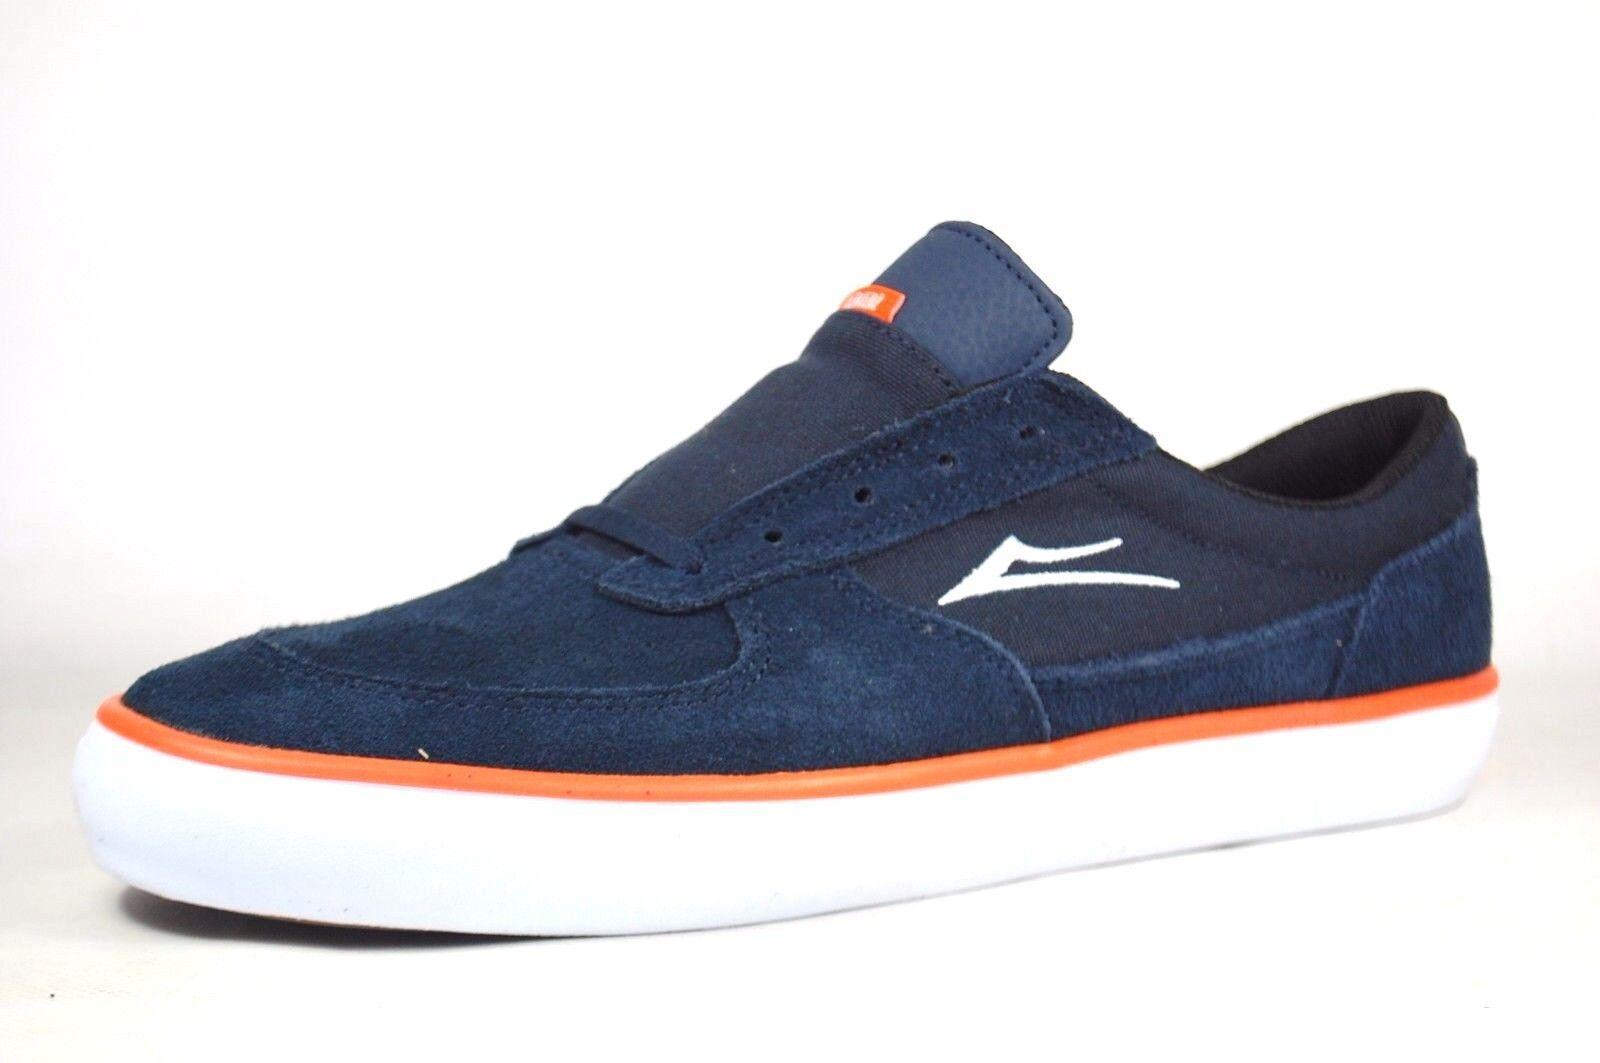 Lakai Lakai Lakai Parker anchor Skate Schuhe Turnschuhe verschieden Größen d1bf40